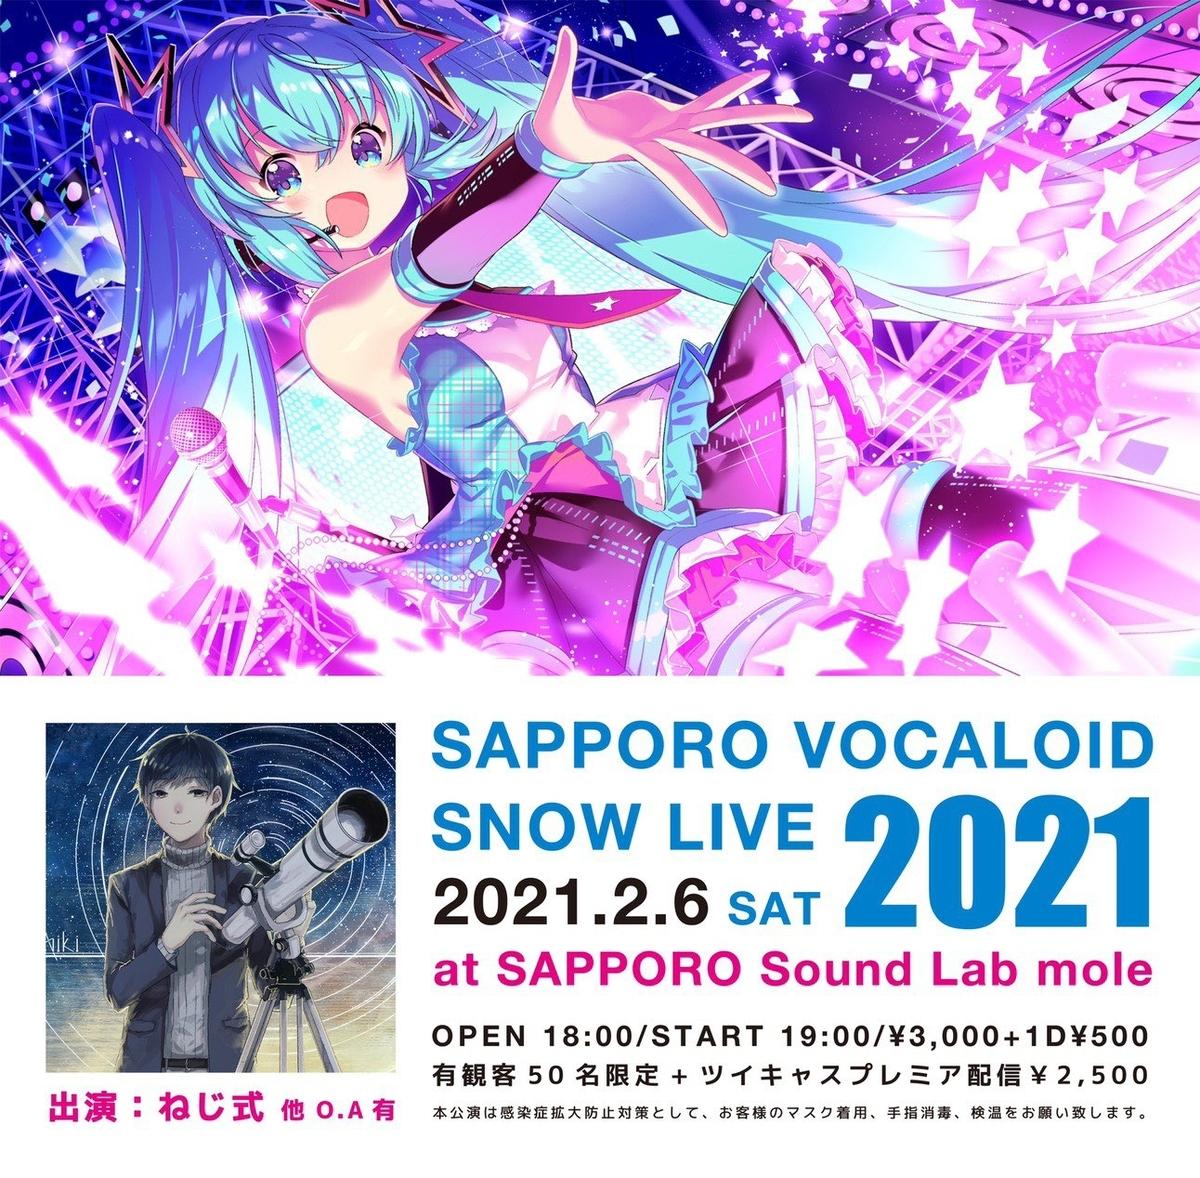 f:id:kamito620:20210108112533j:plain